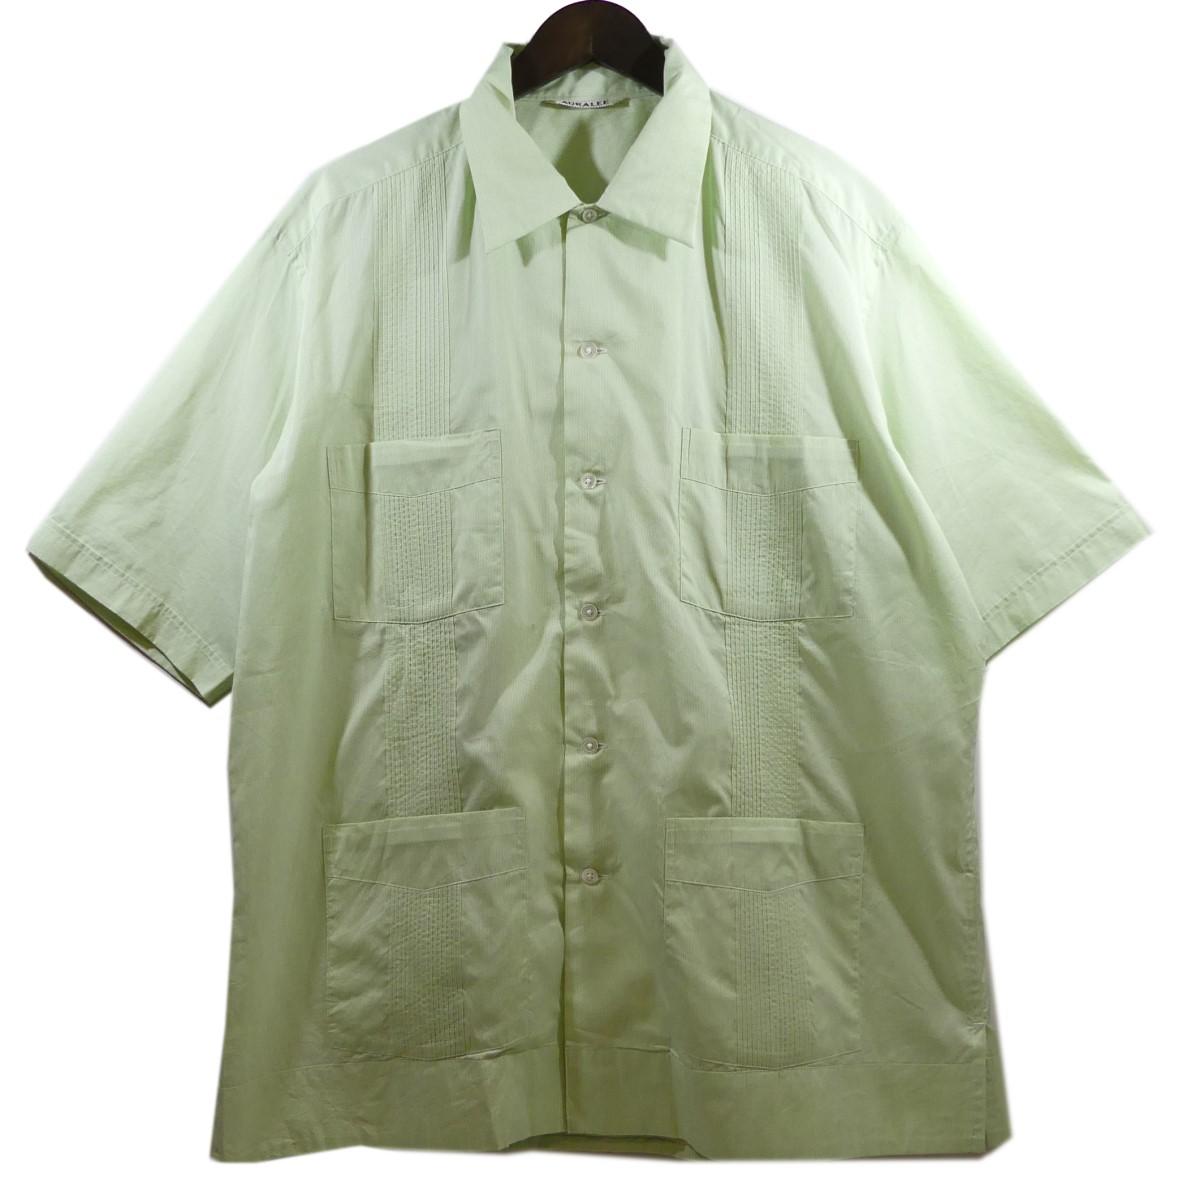 【中古】AURALEE FINX SILK STRIPE CUBA SHIRTS フィンクスシルクストライプキューバシャツ グリーン サイズ:4 【130420】(オーラリー)